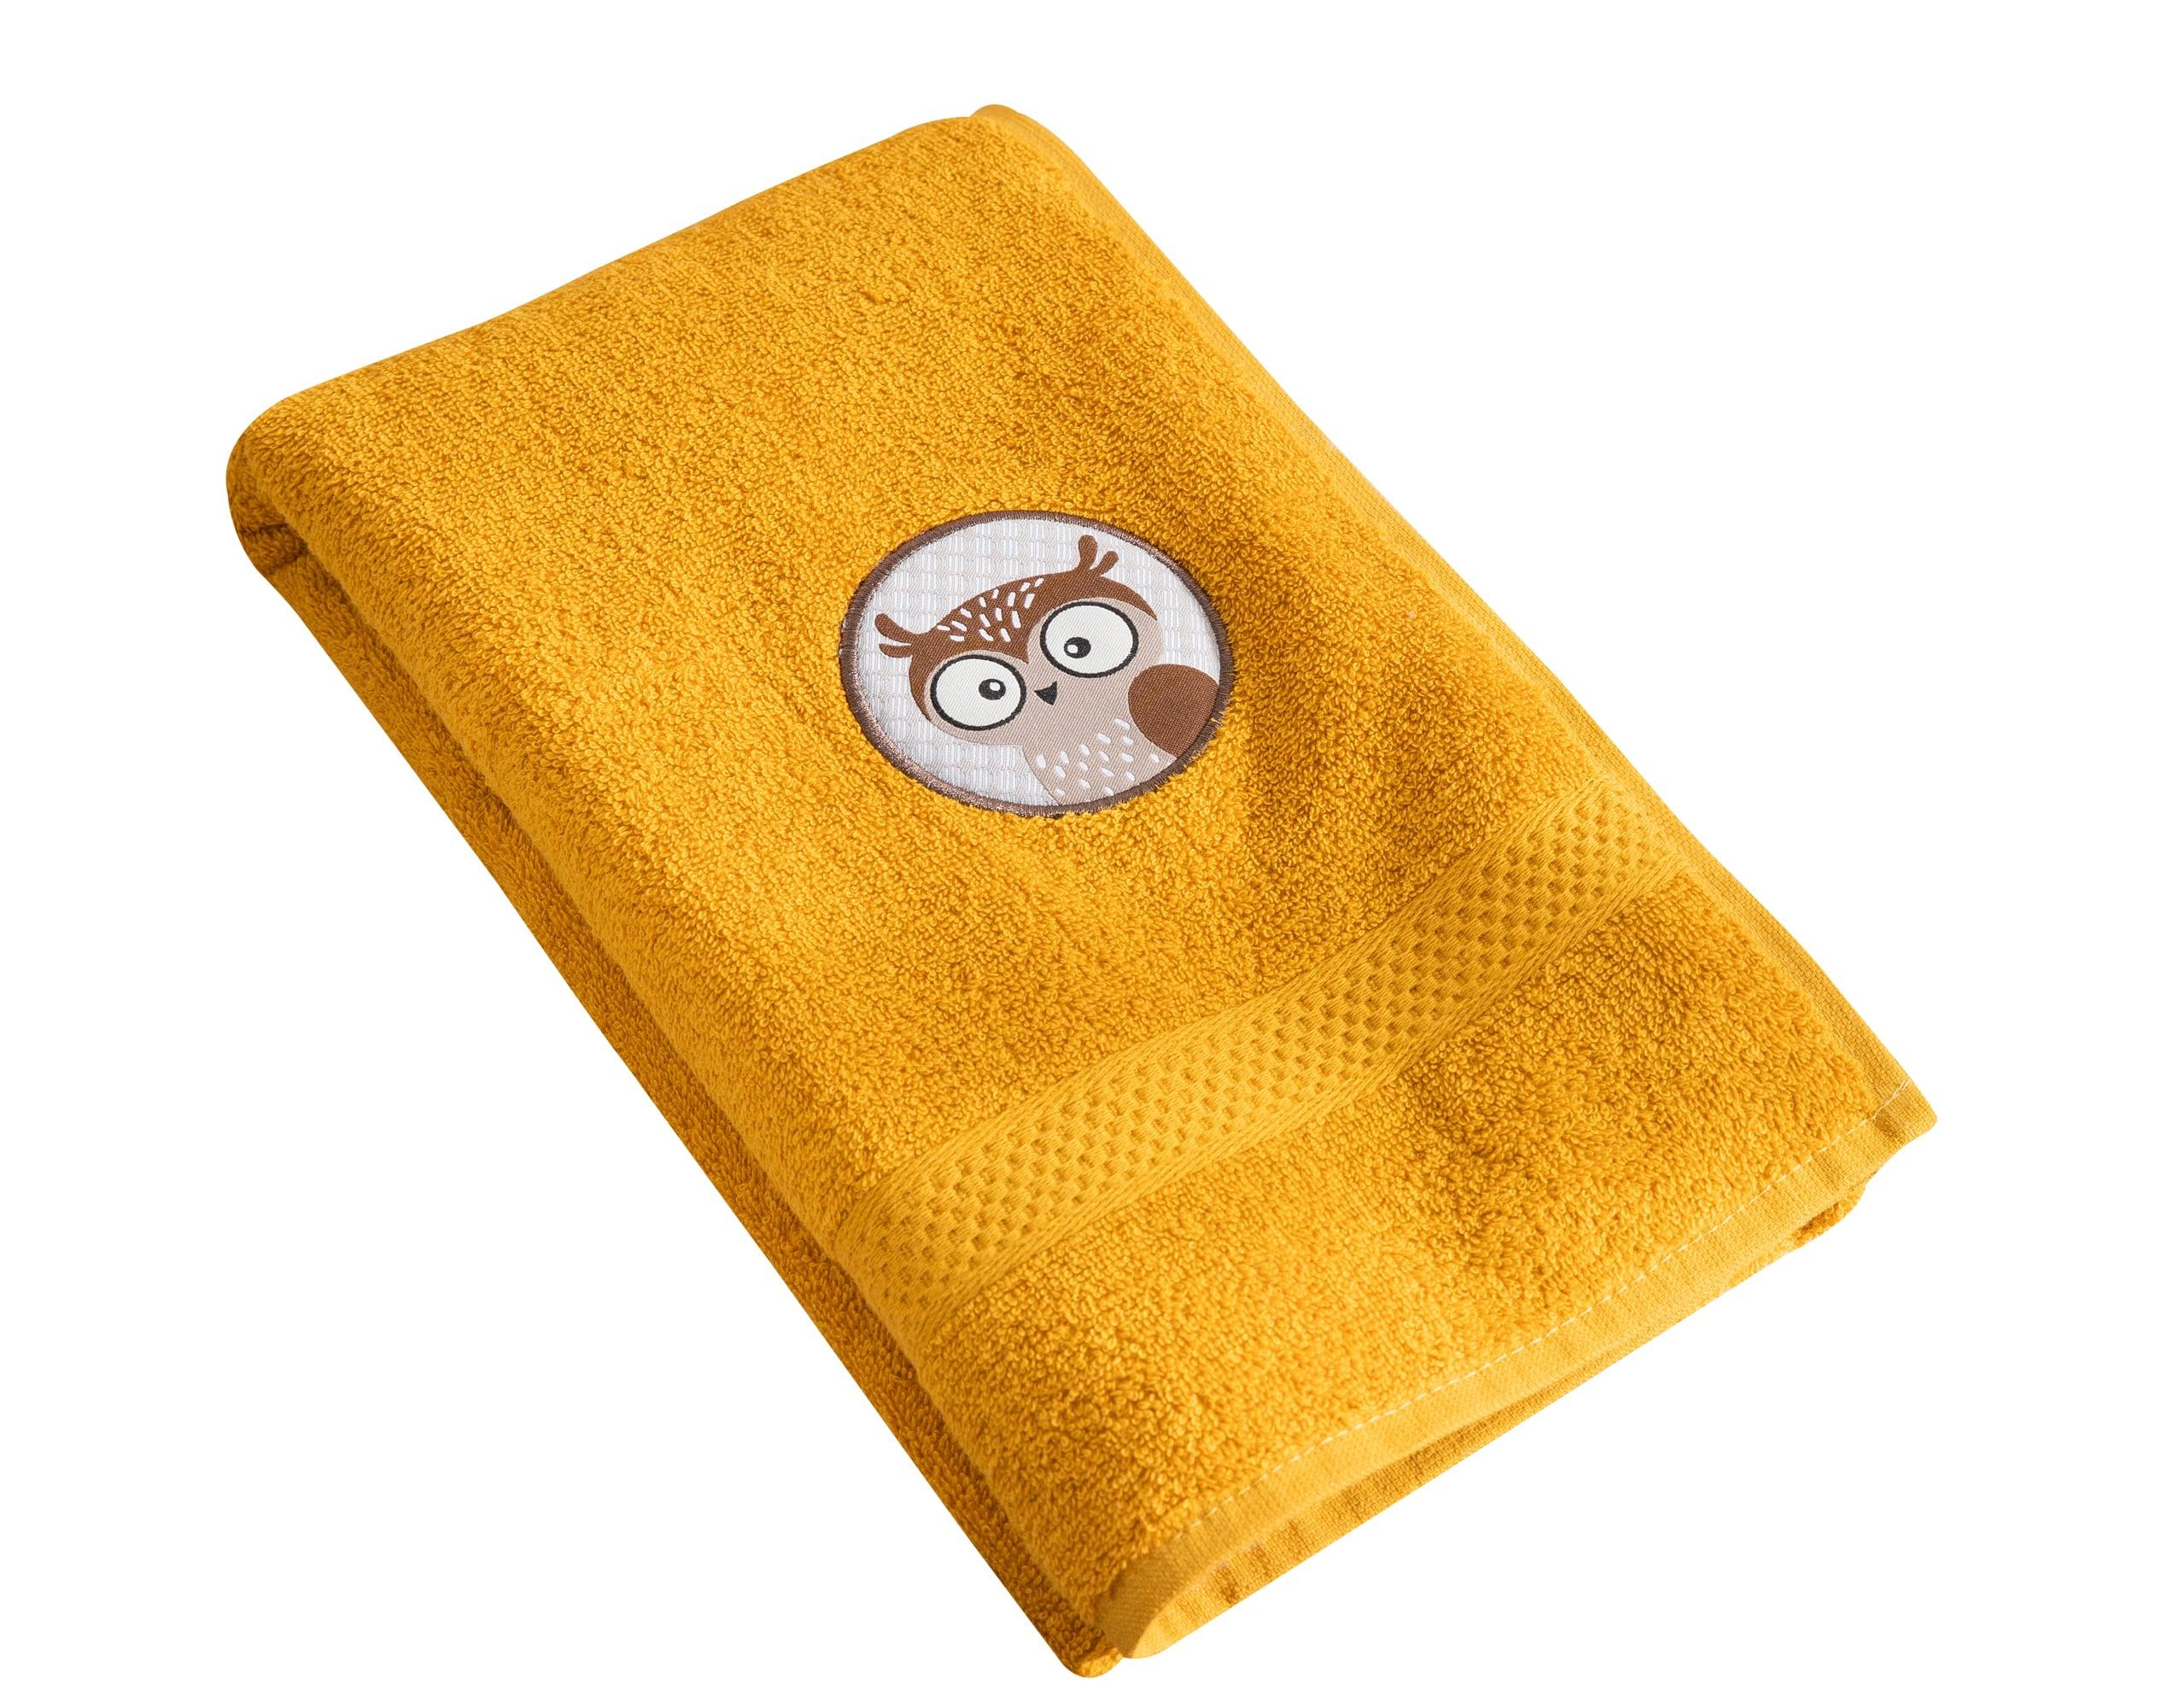 Serviette de bain enfant jaune 70x130 en coton